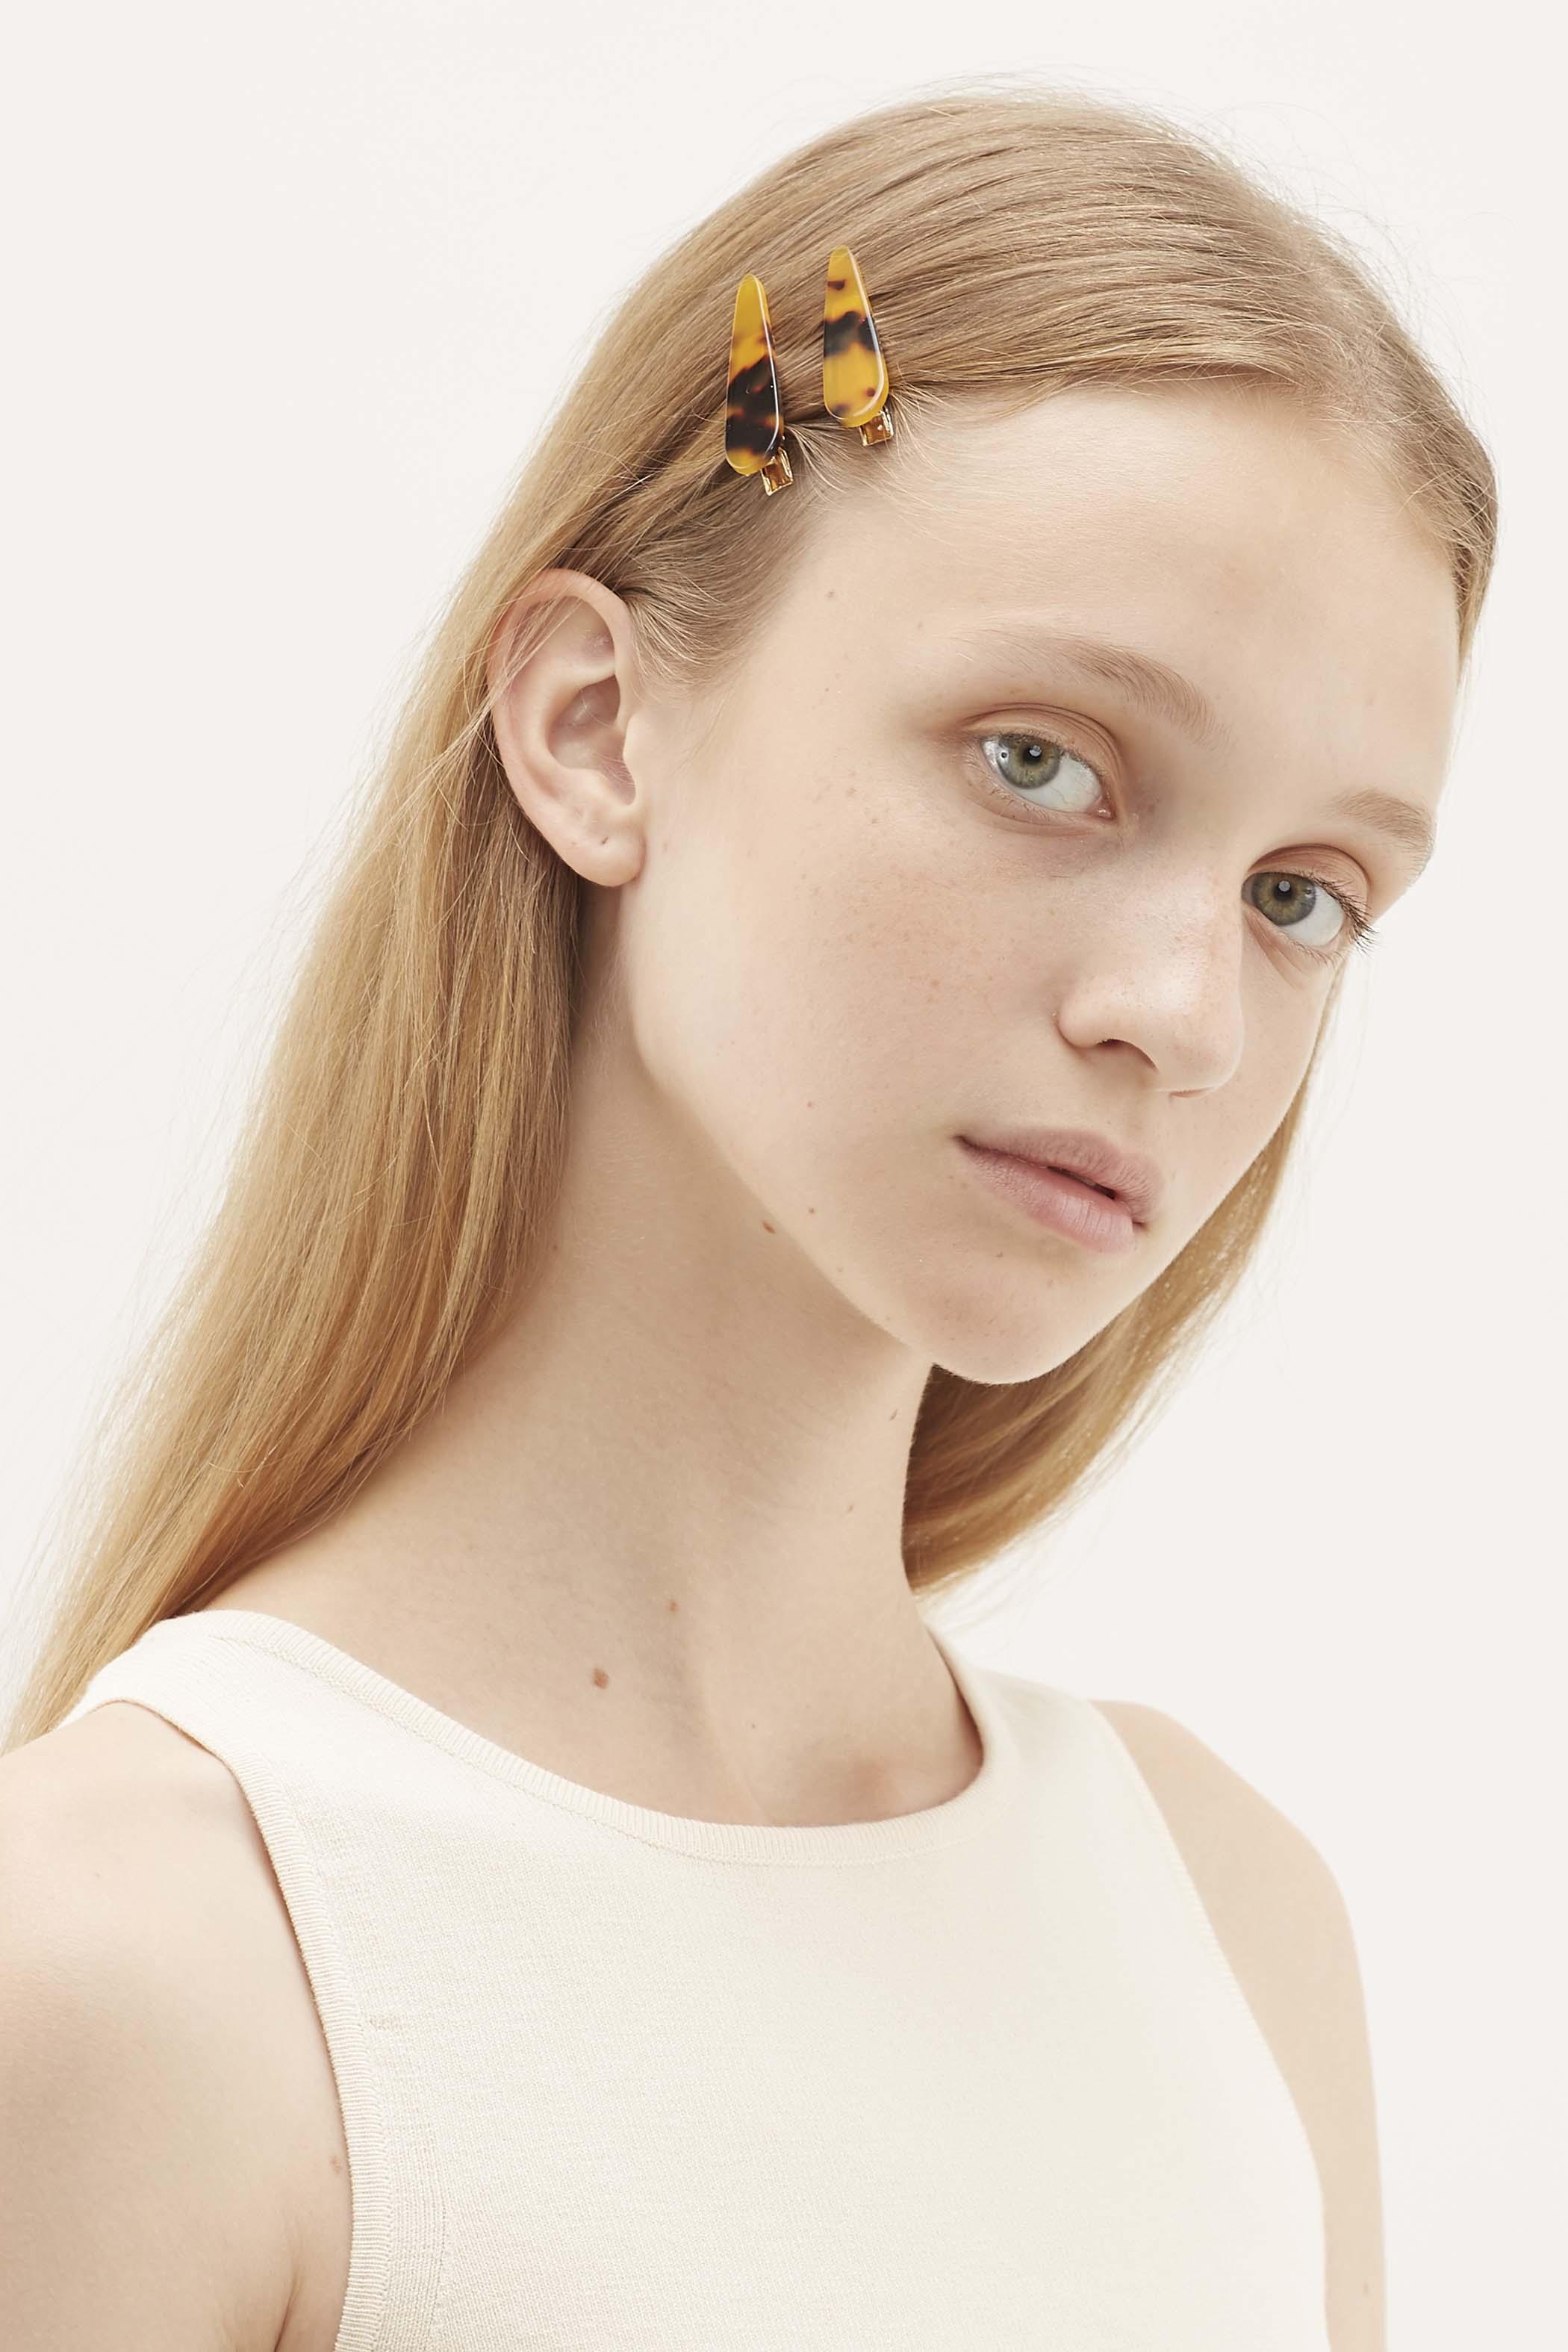 Maeve Resin Hair Clips